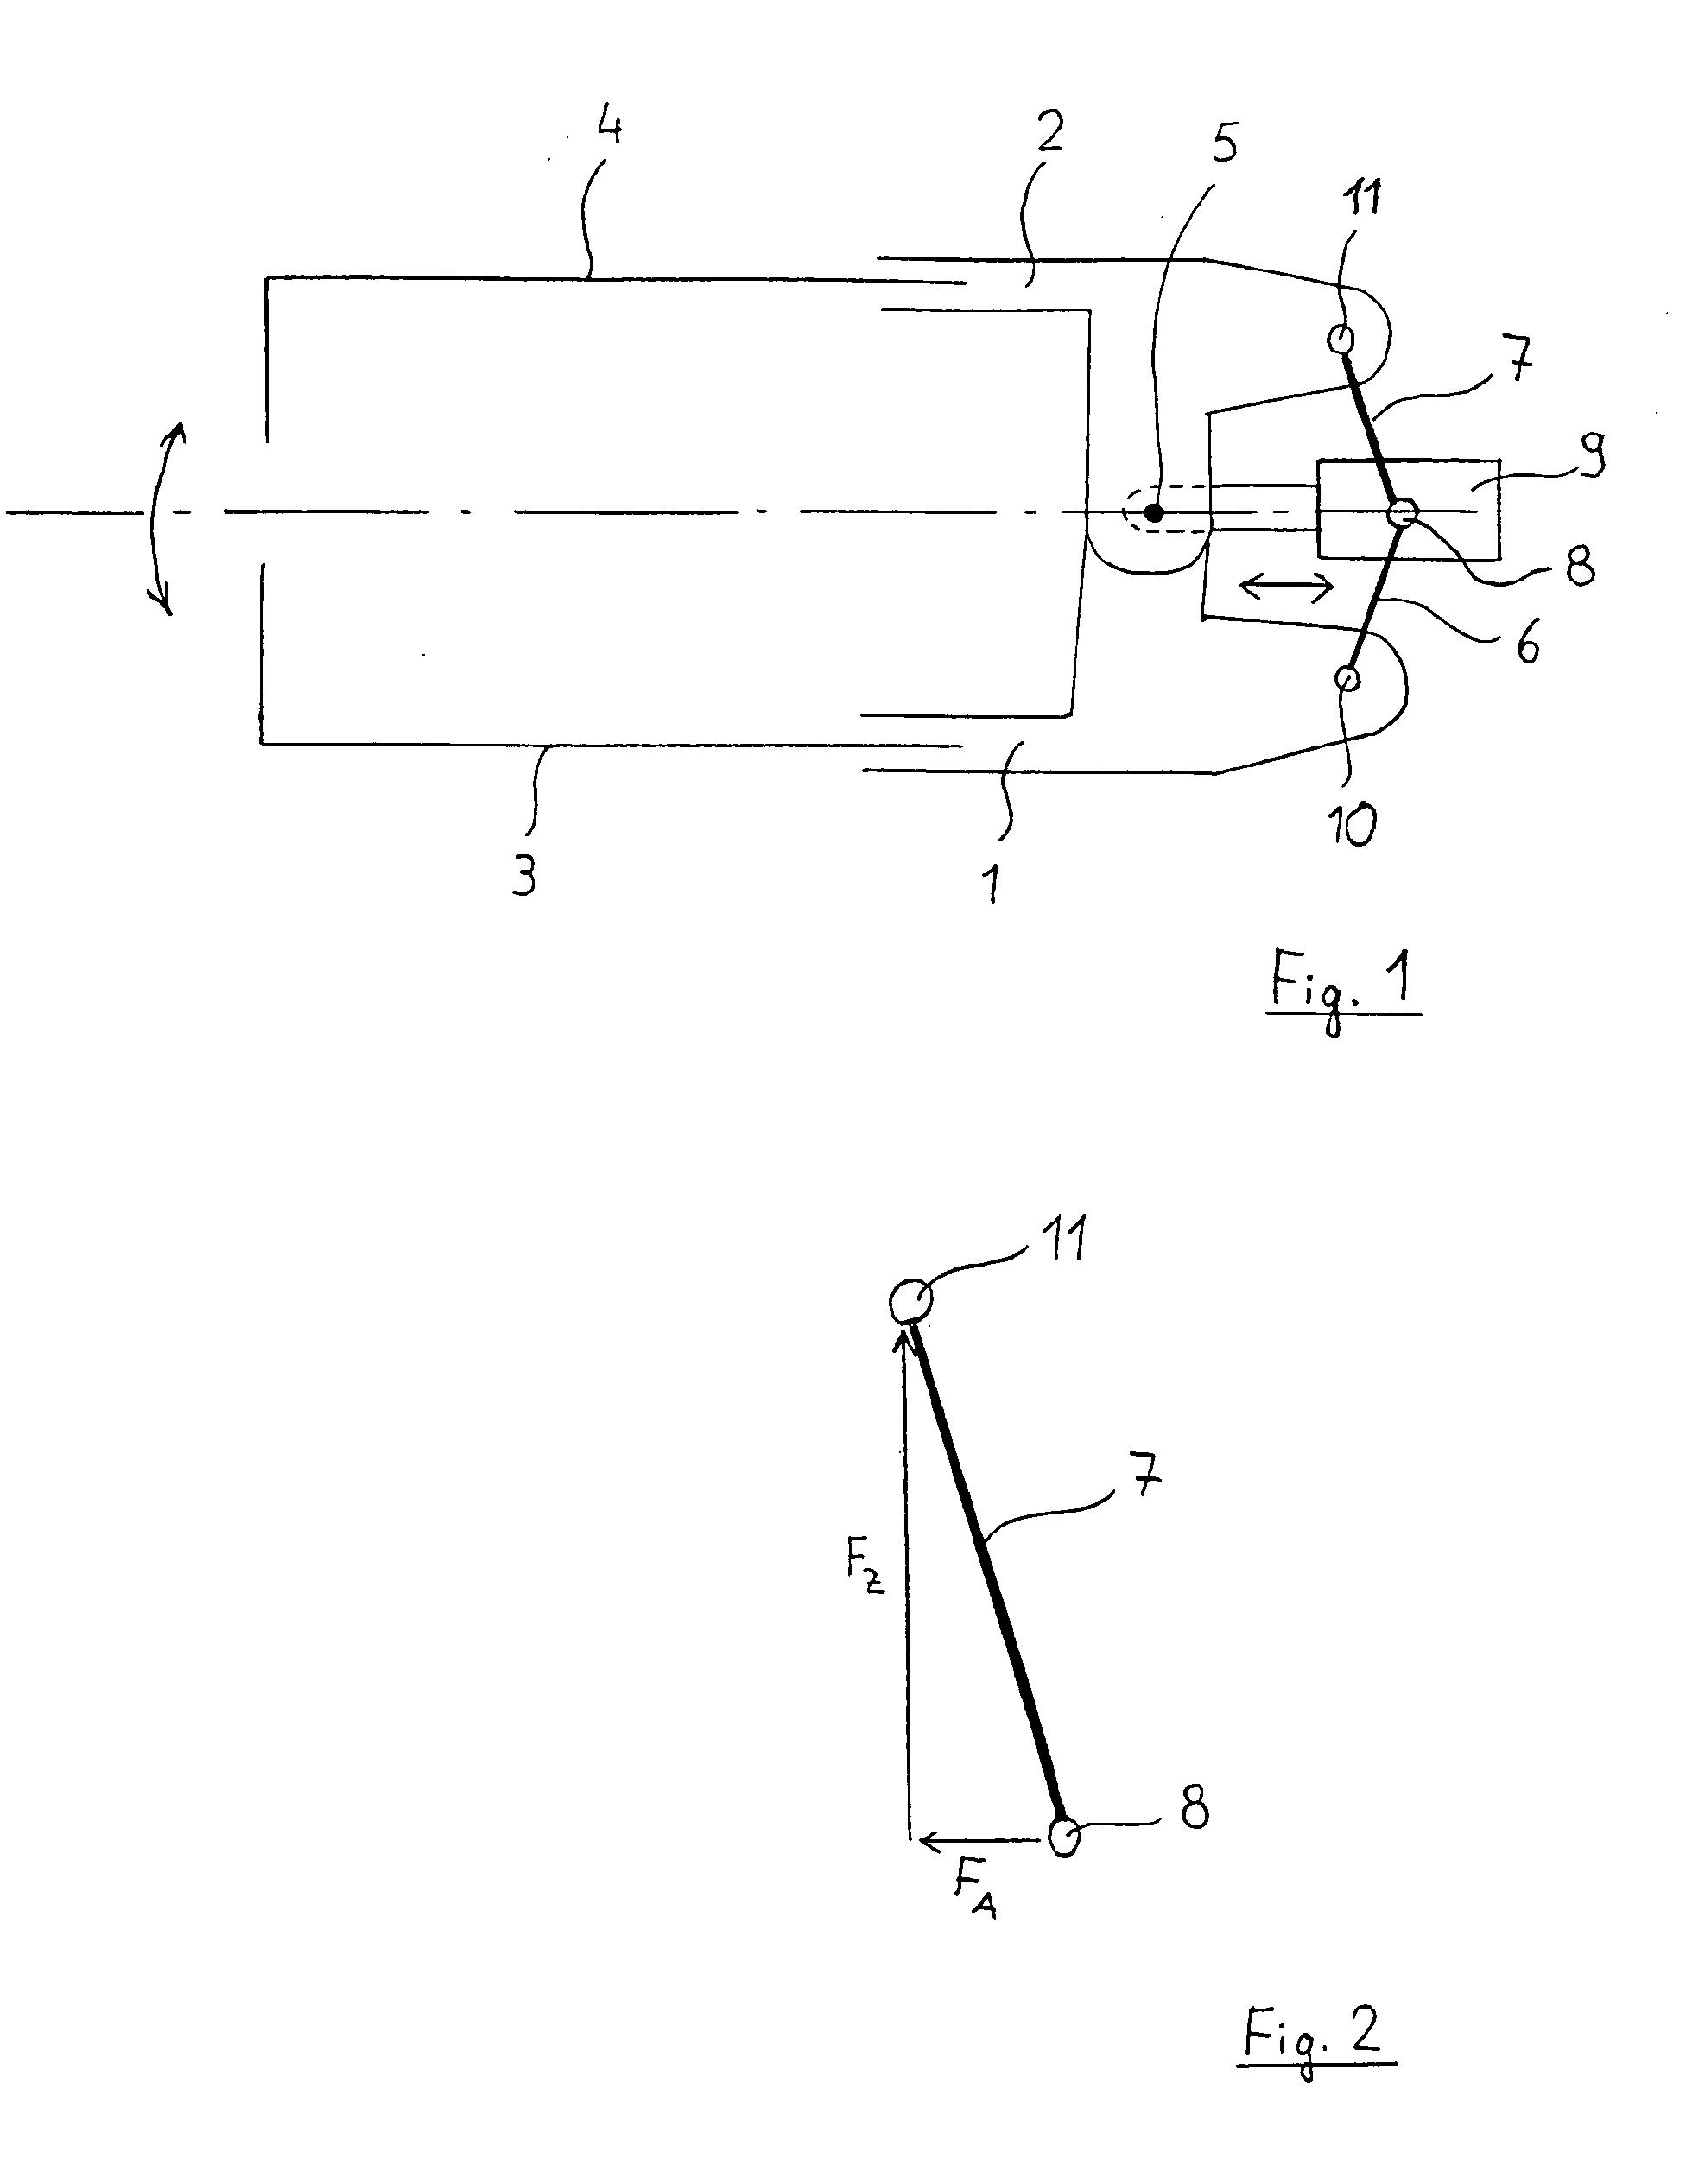 patente ep1316382a1